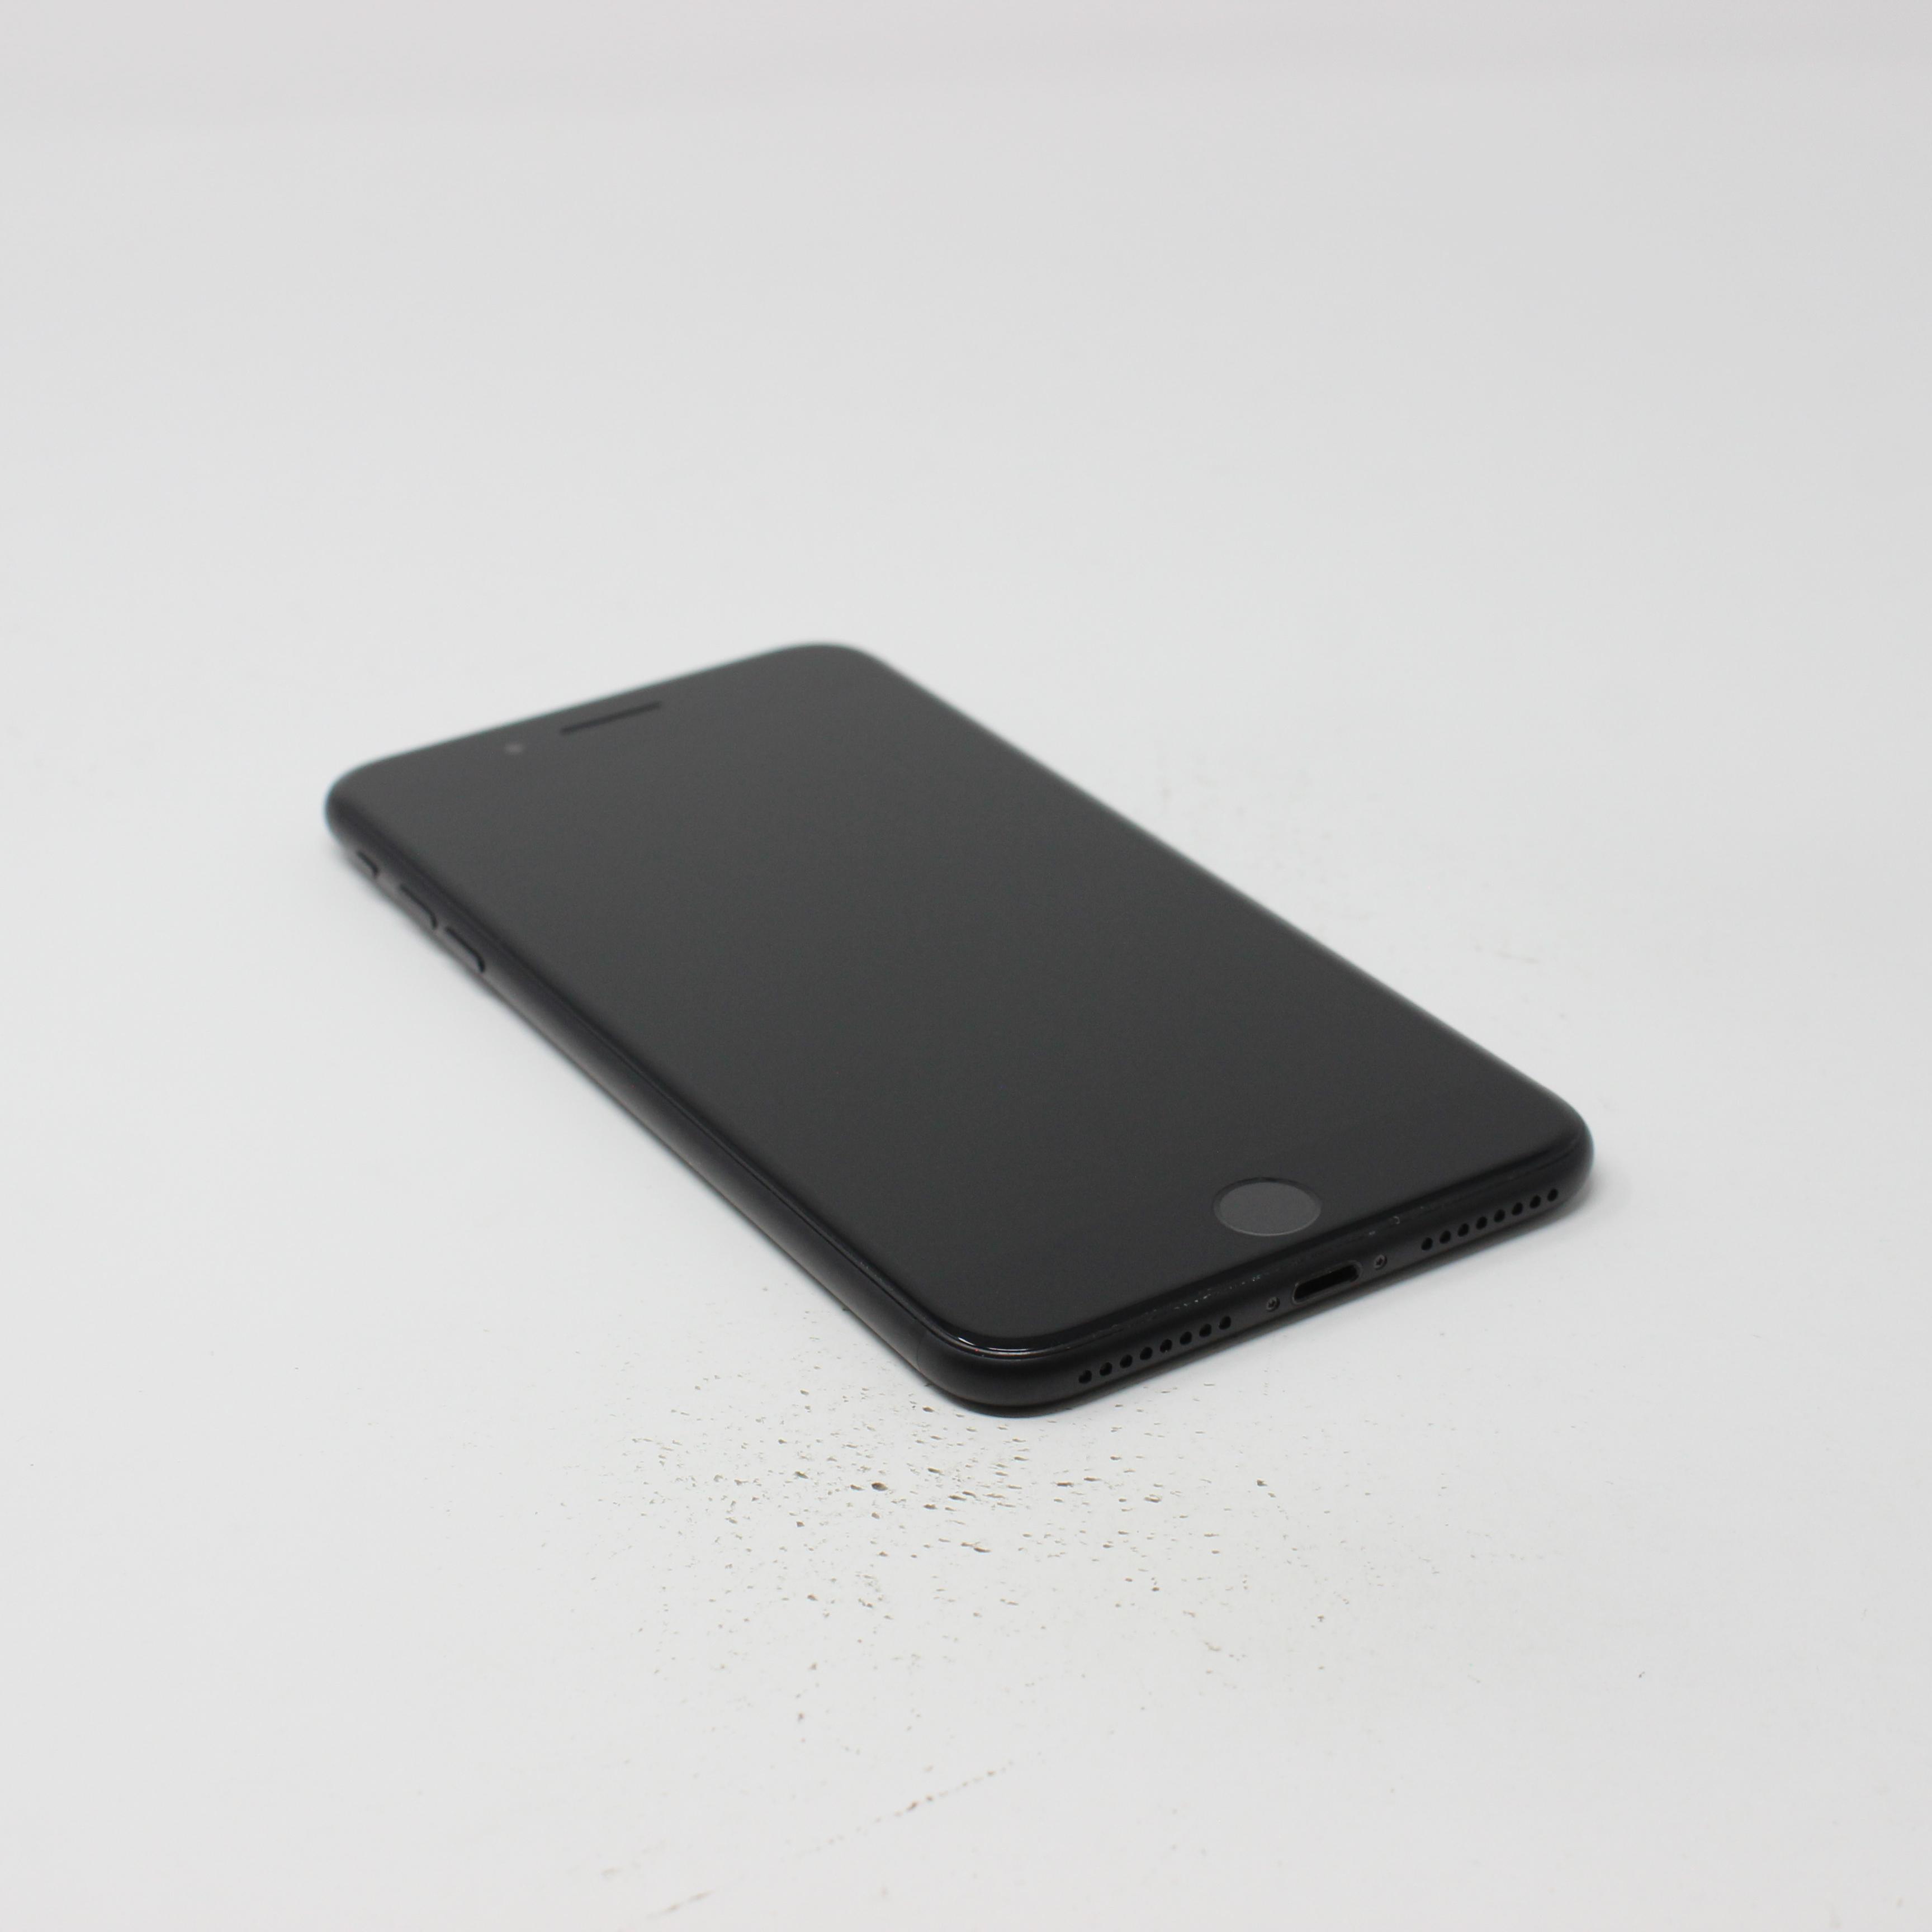 iPhone 7 Plus 32GB Black - T-Mobile photo 5   UpTradeit.com